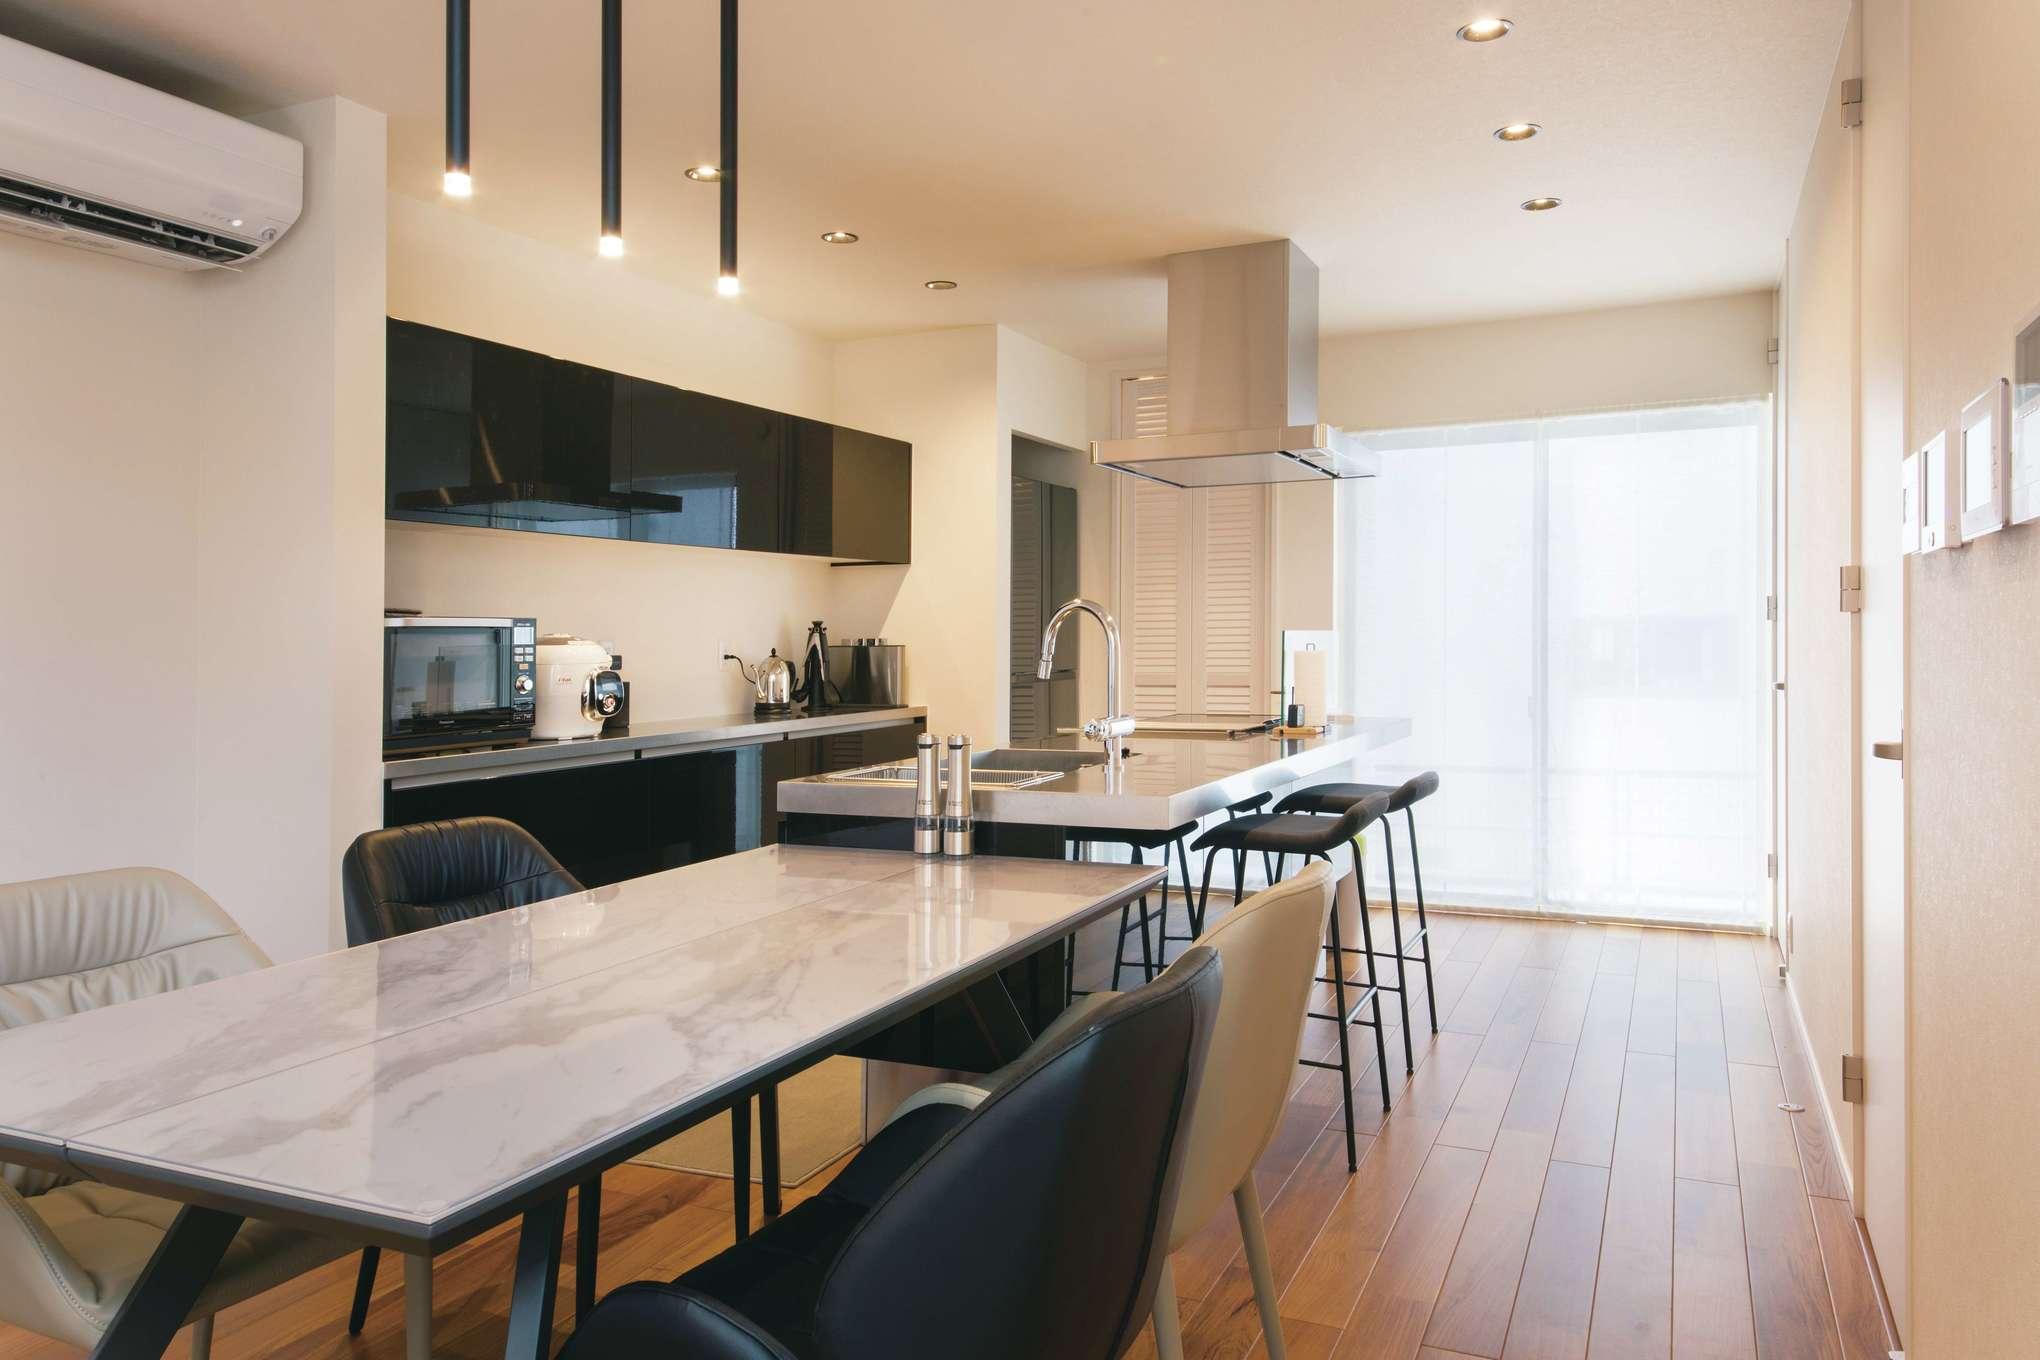 幸和ハウジング【デザイン住宅、屋上バルコニー、インテリア】スタイリッシュなキッチンは家電を含め、黒とステンレスでコーディネート。壁に収まる冷蔵庫やパントリーがあることで空間がスッキリとしている。正面に水回りを集約